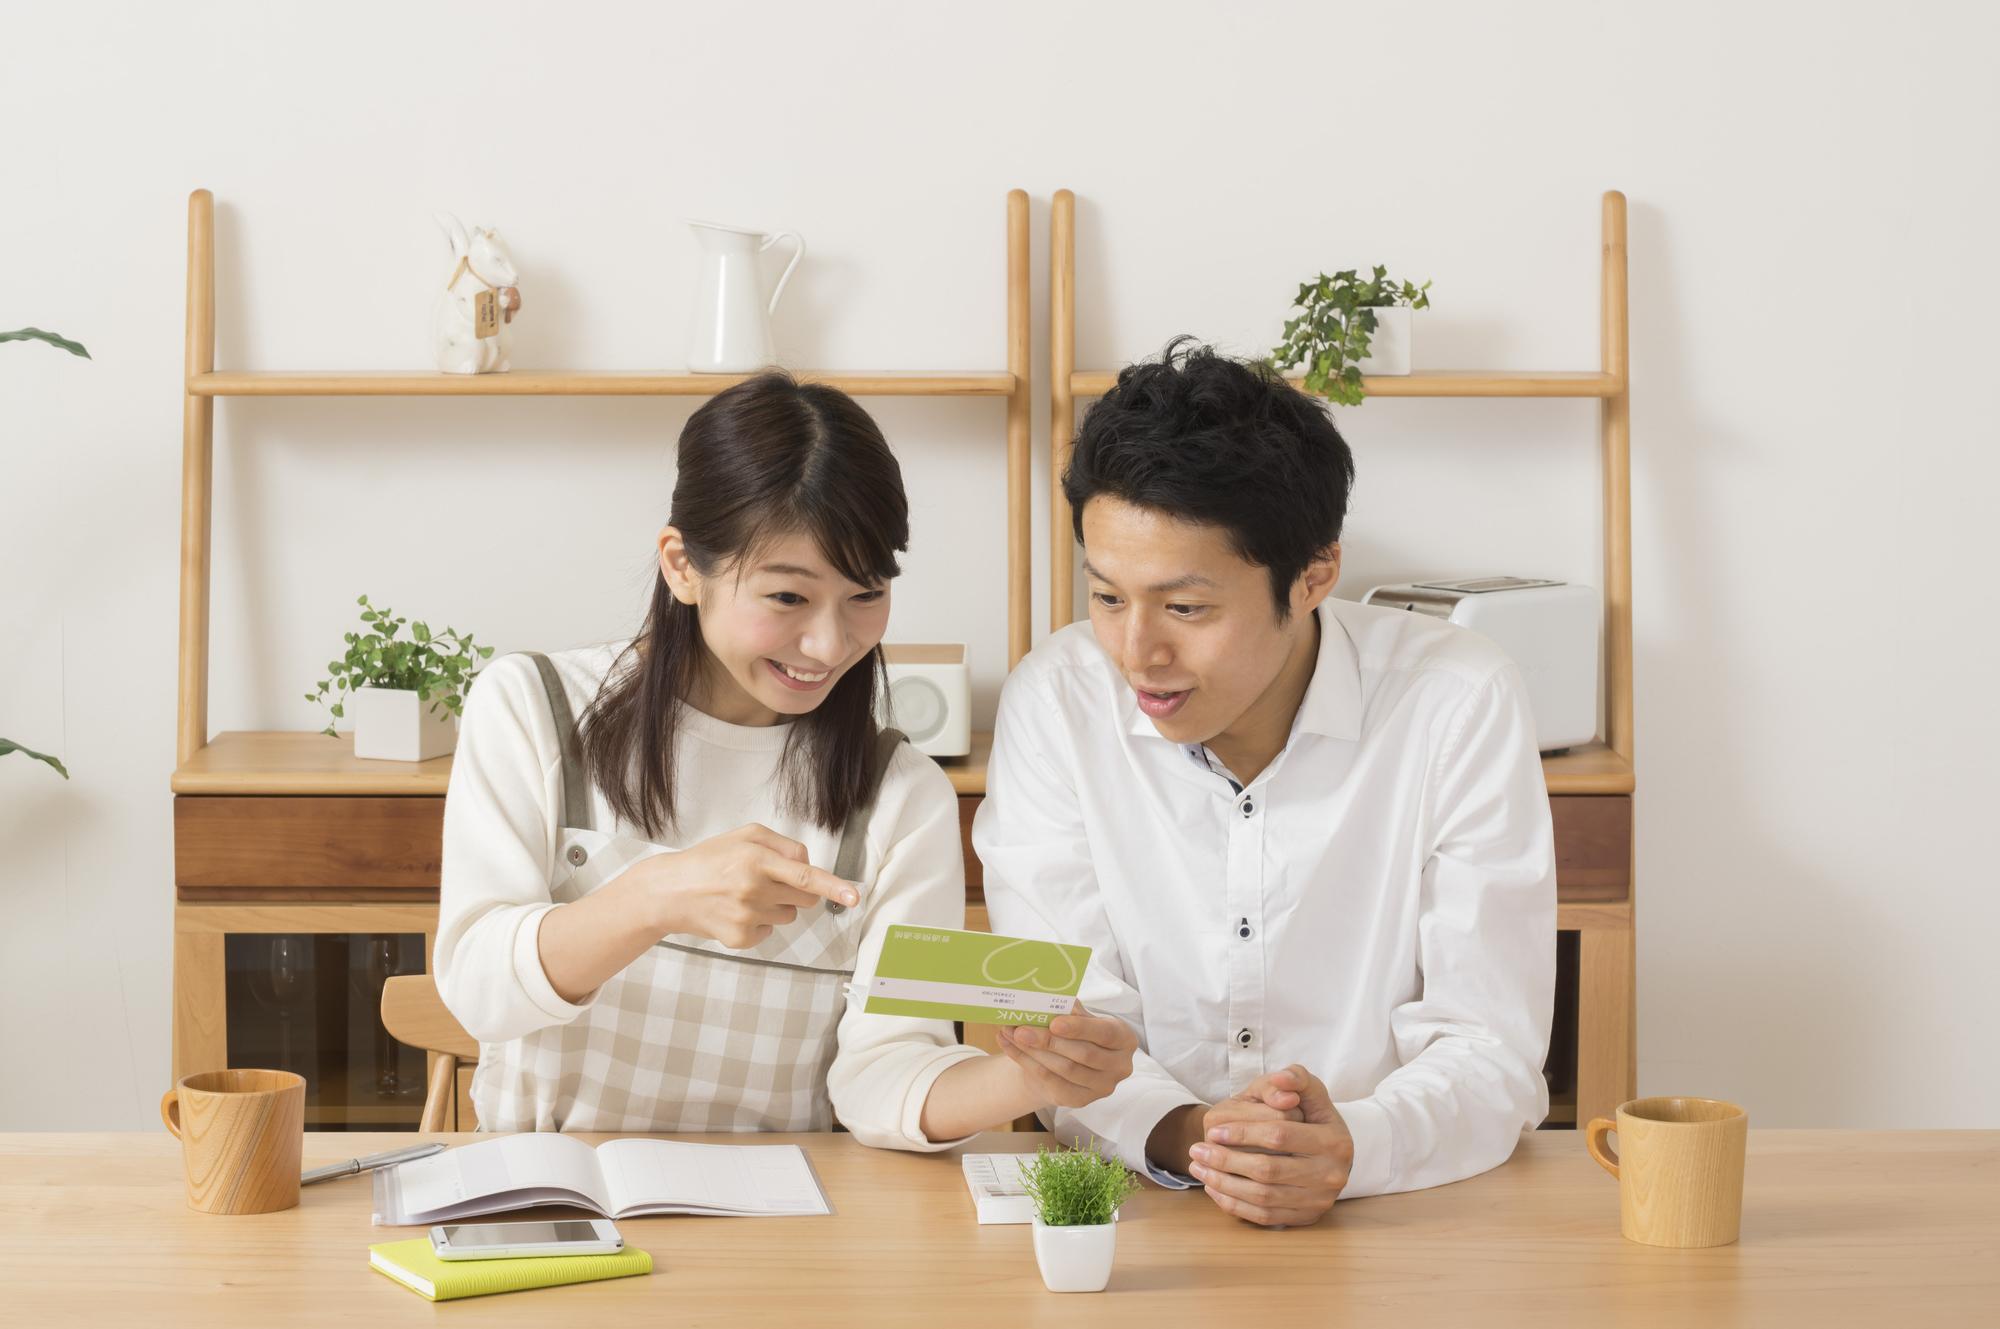 預金通帳を眺める夫婦